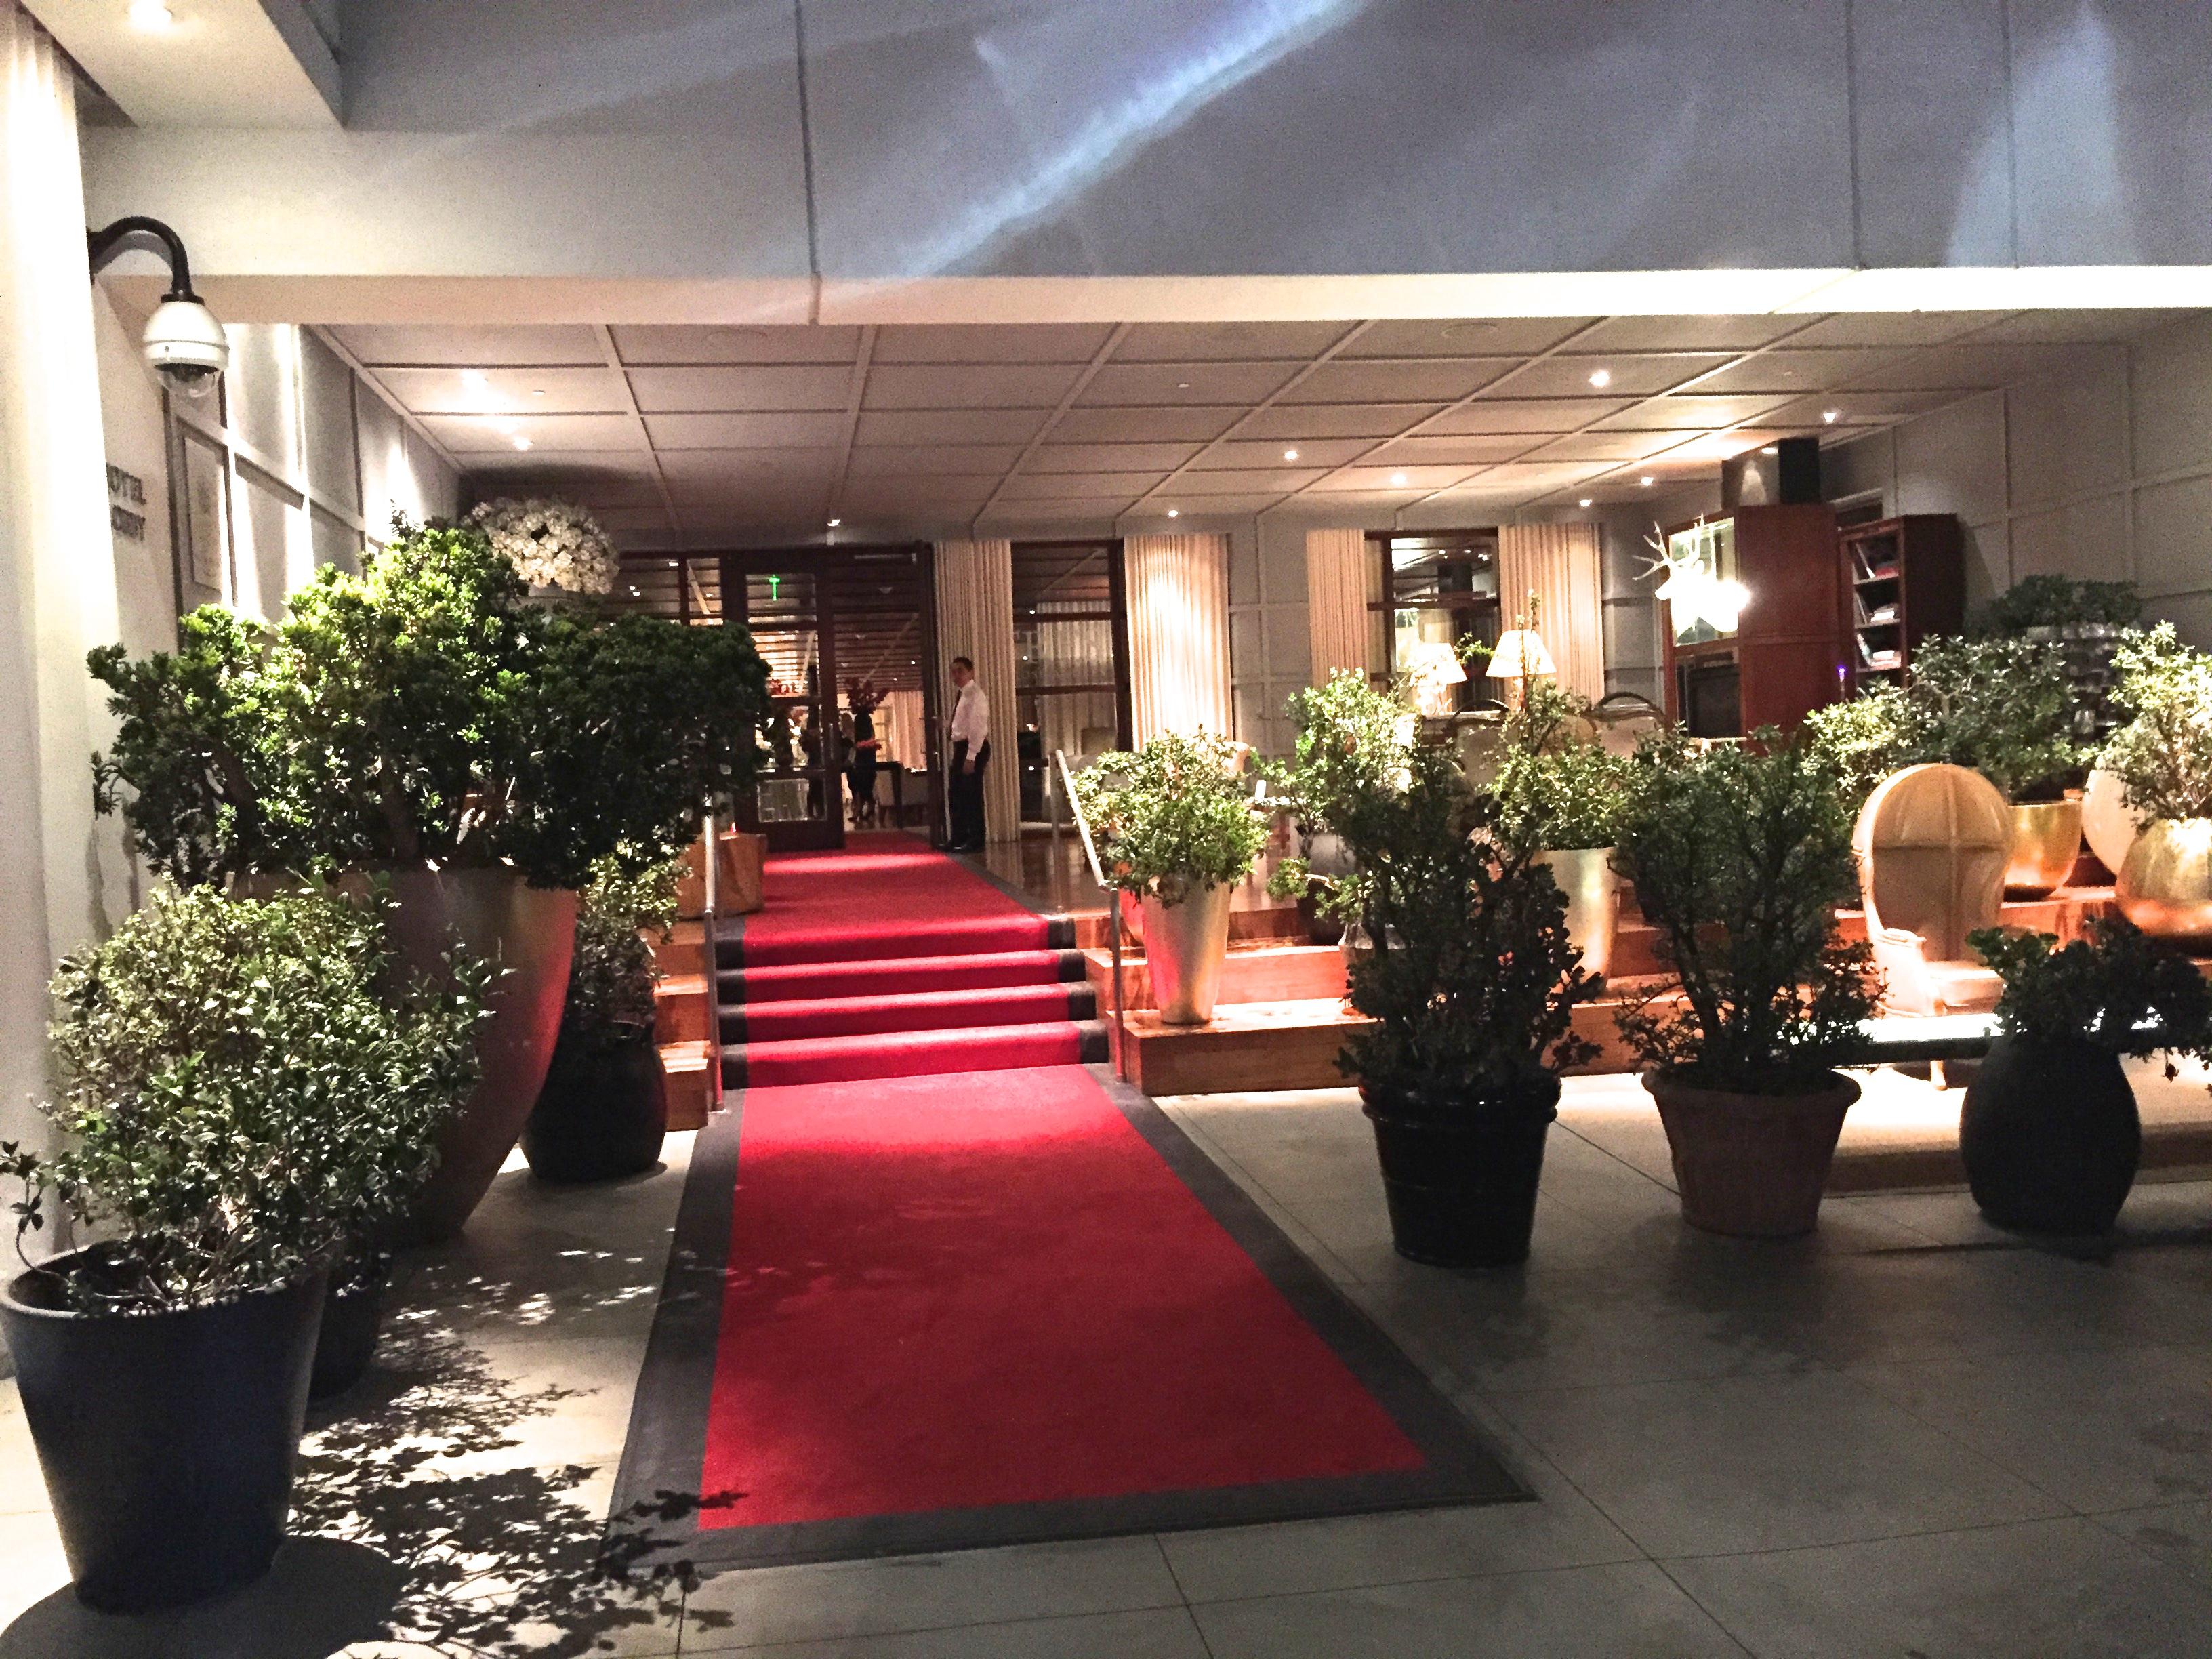 Sls beverly hills hotel entrance